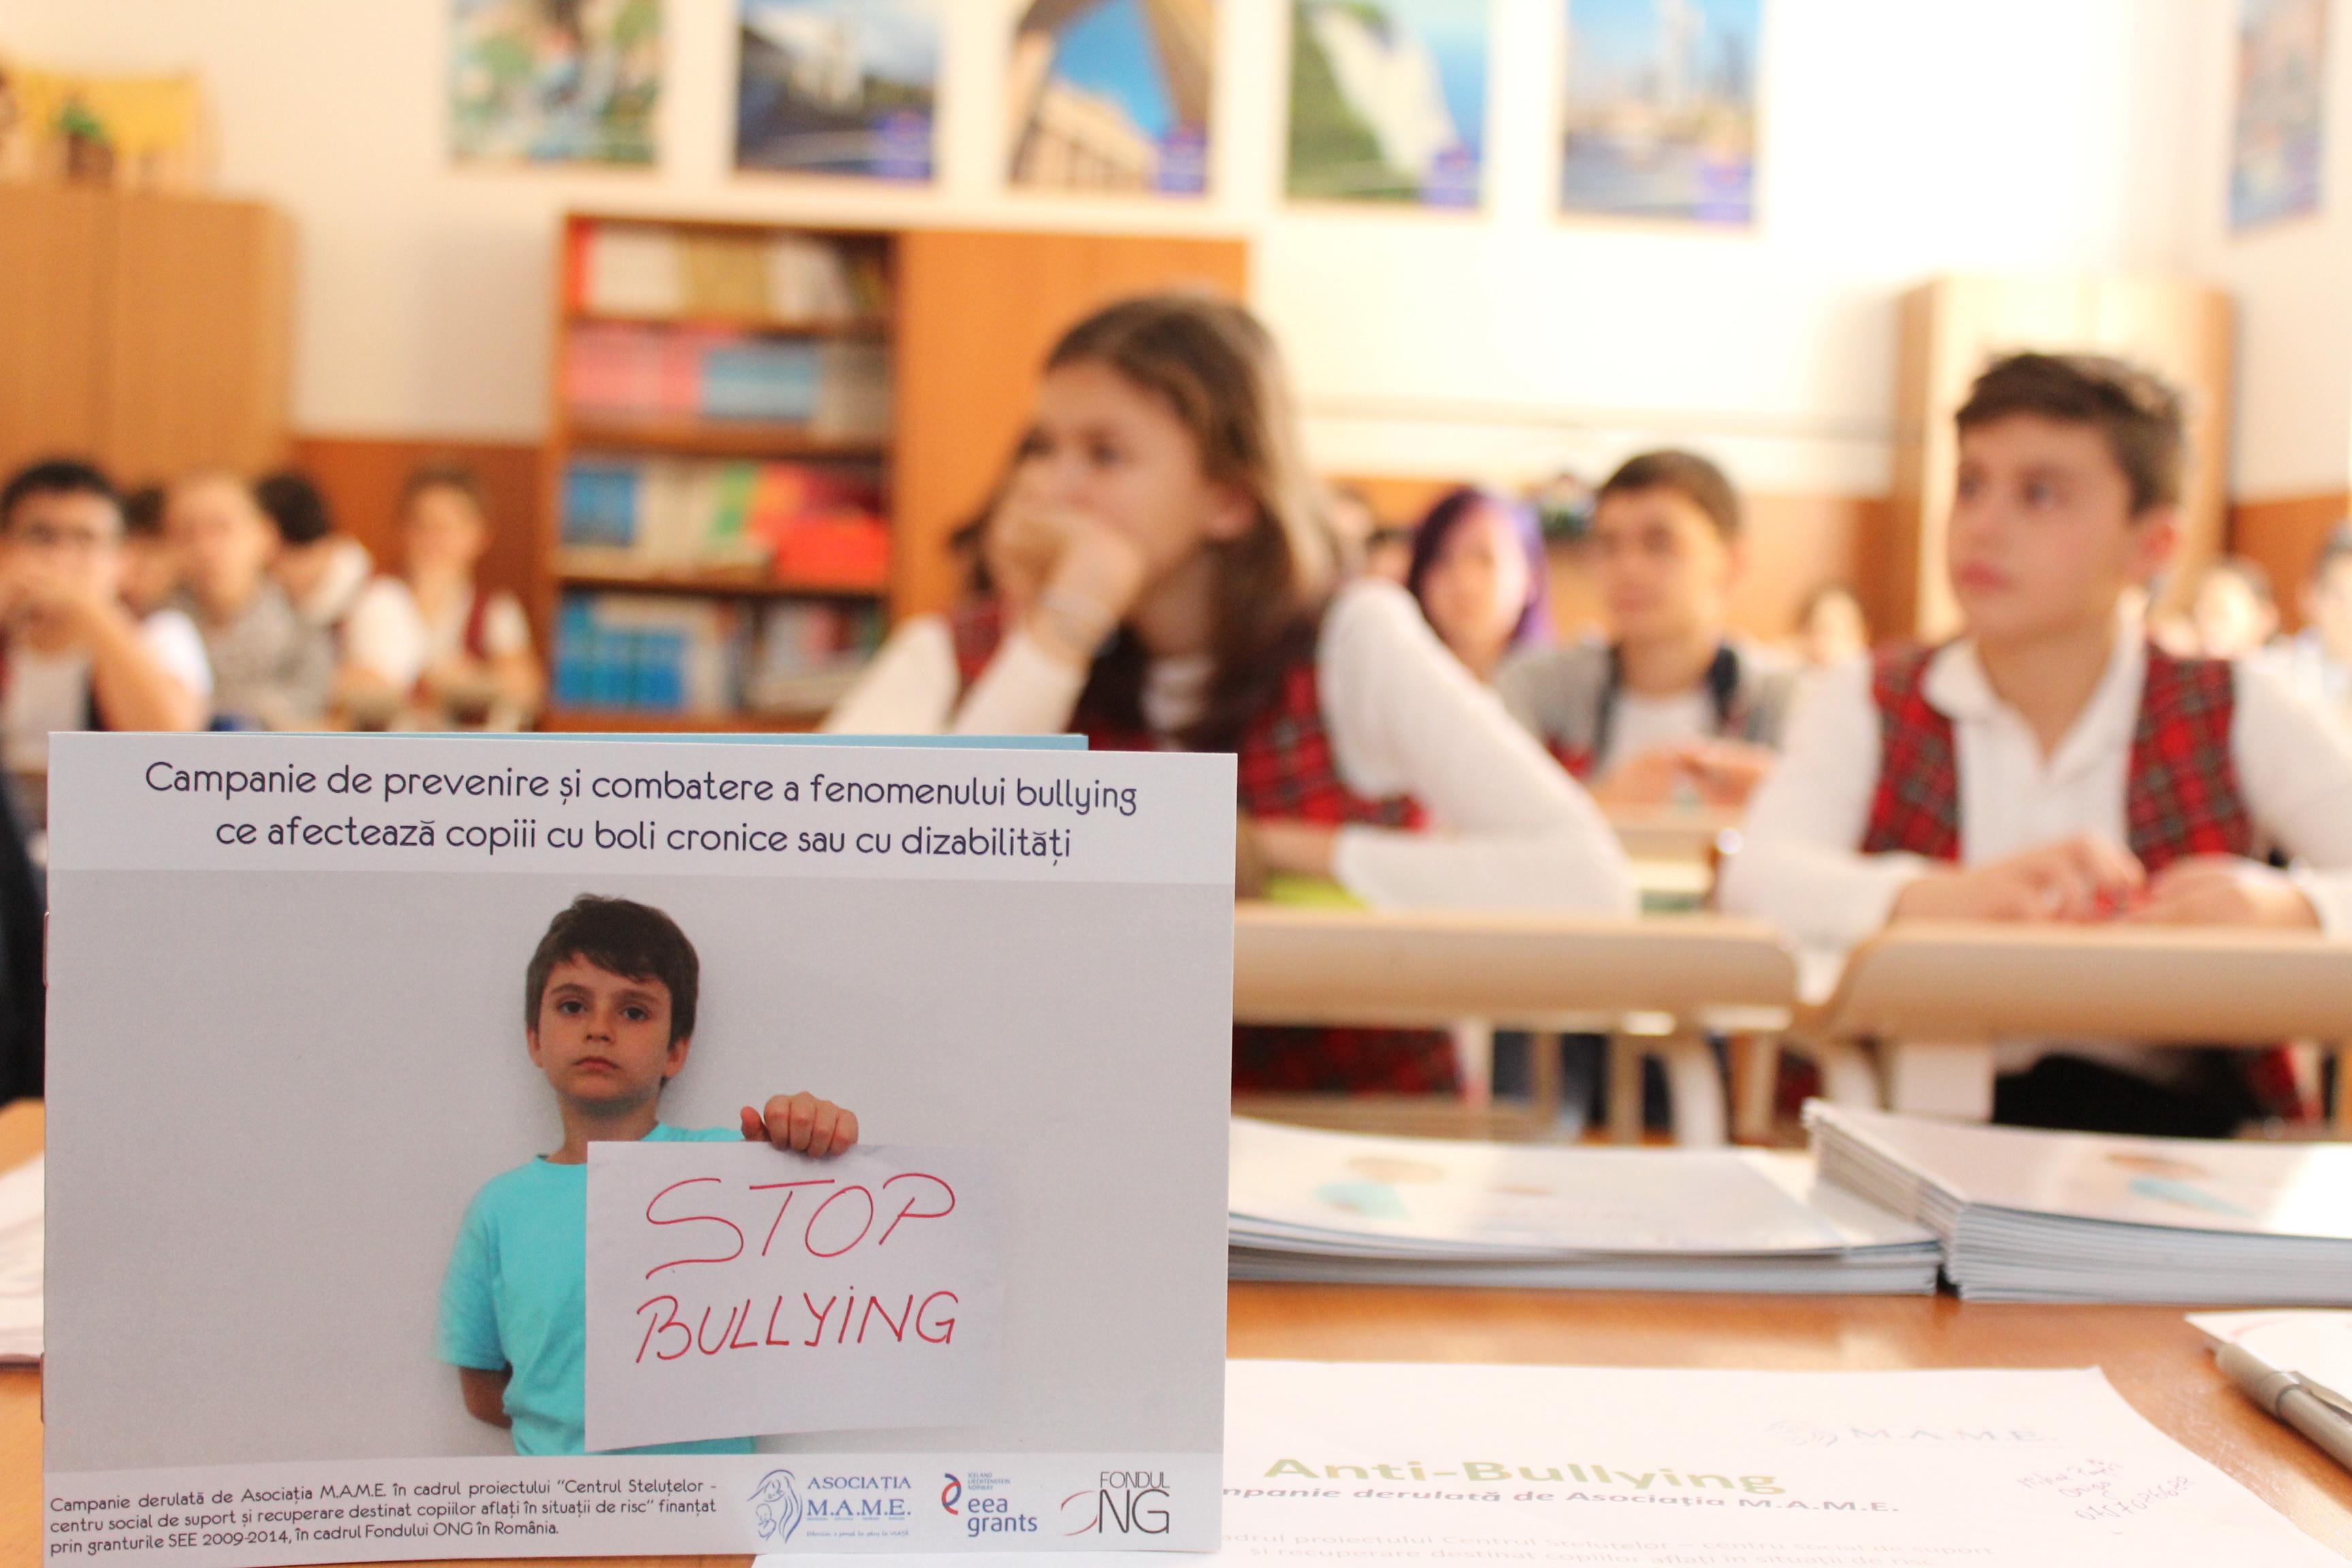 Campania de prevenire si combatere a fenomenului de tip bullying ce afecteaza copiii cu boli cornice sau cu dizabilitati